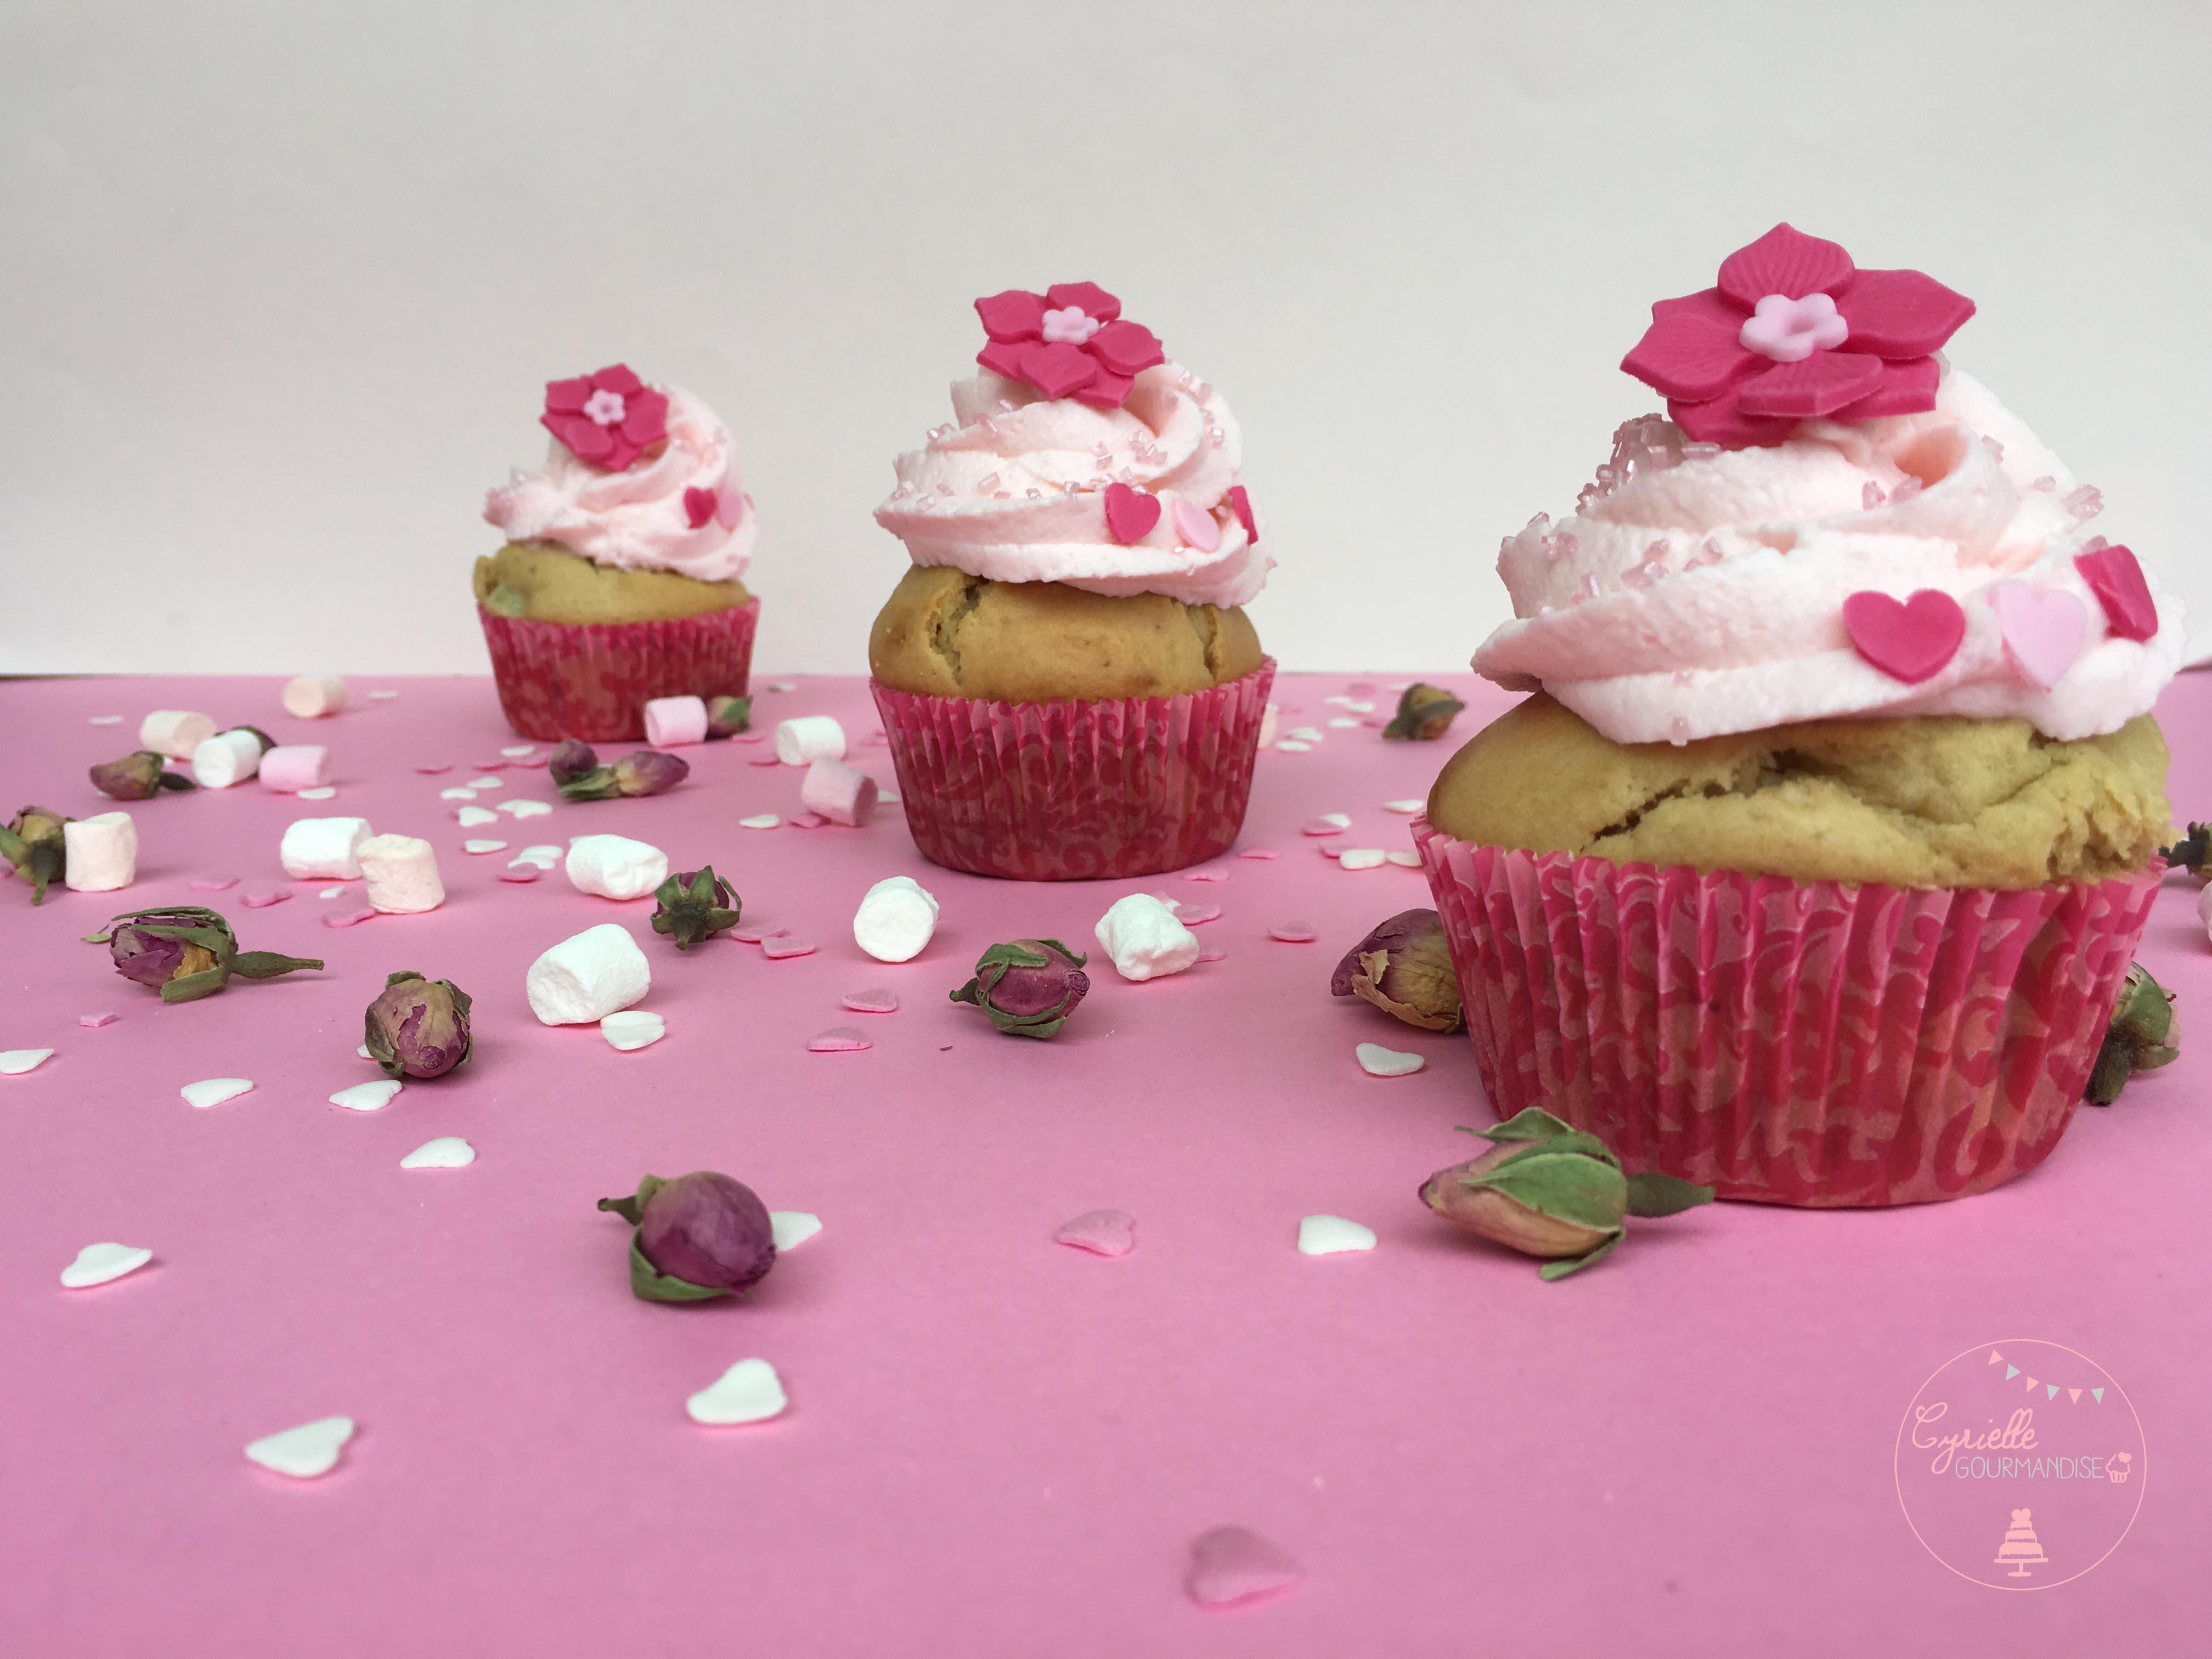 Cupcake rhubarbe rose 6